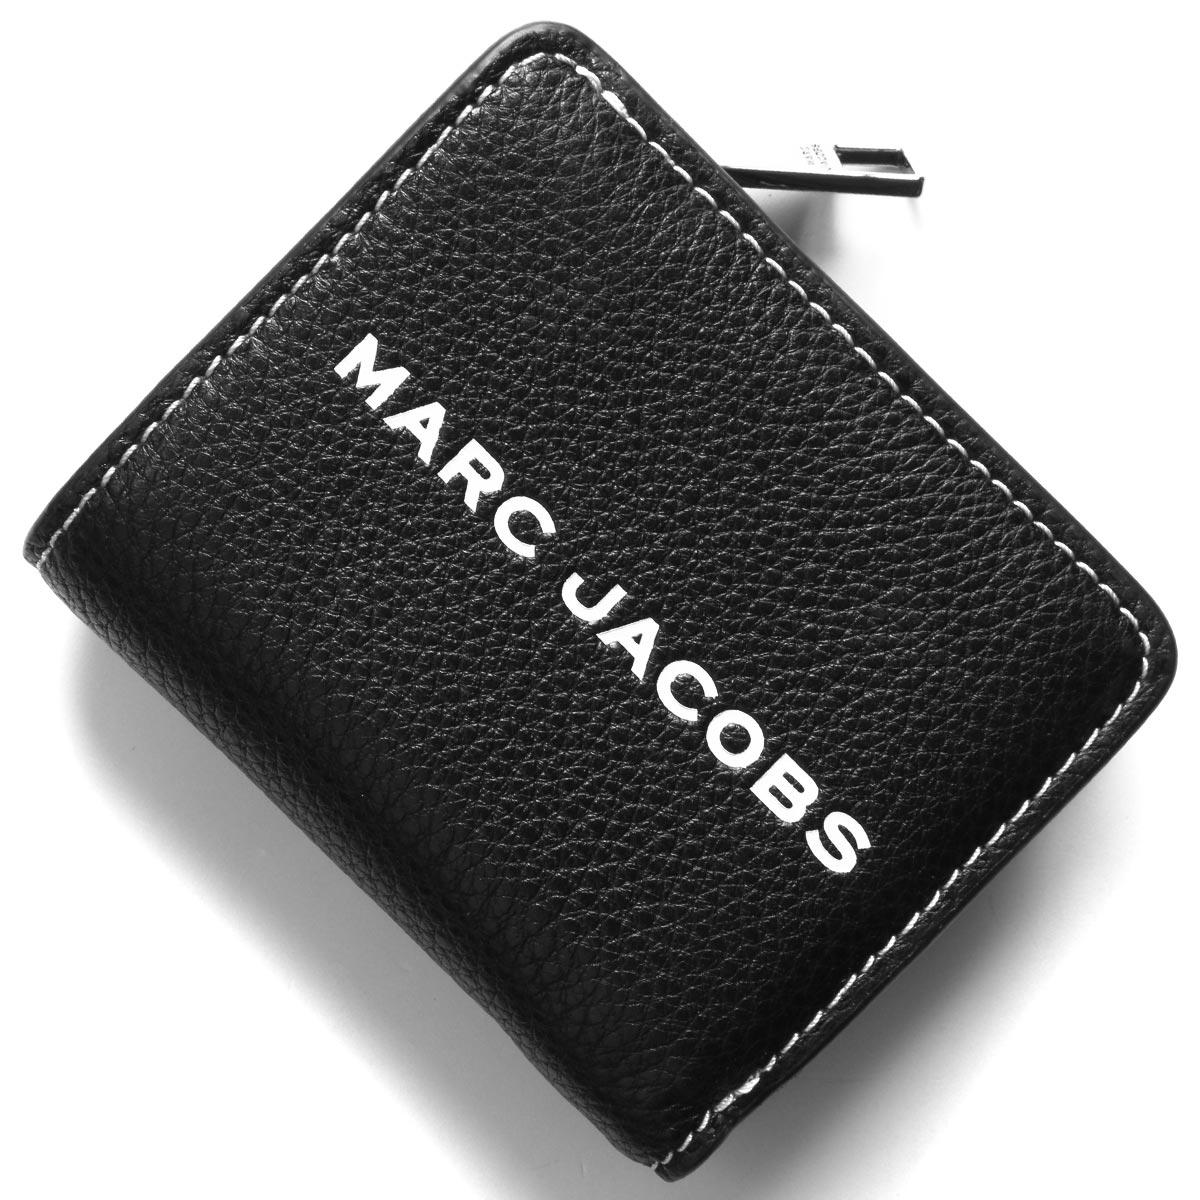 マークジェイコブス 二つ折り財布/ミニ財布 財布 レディース ザ テクスチャード タグ ミニ ブラック M0014982 001 2019年秋冬新作 MARC JACOBS